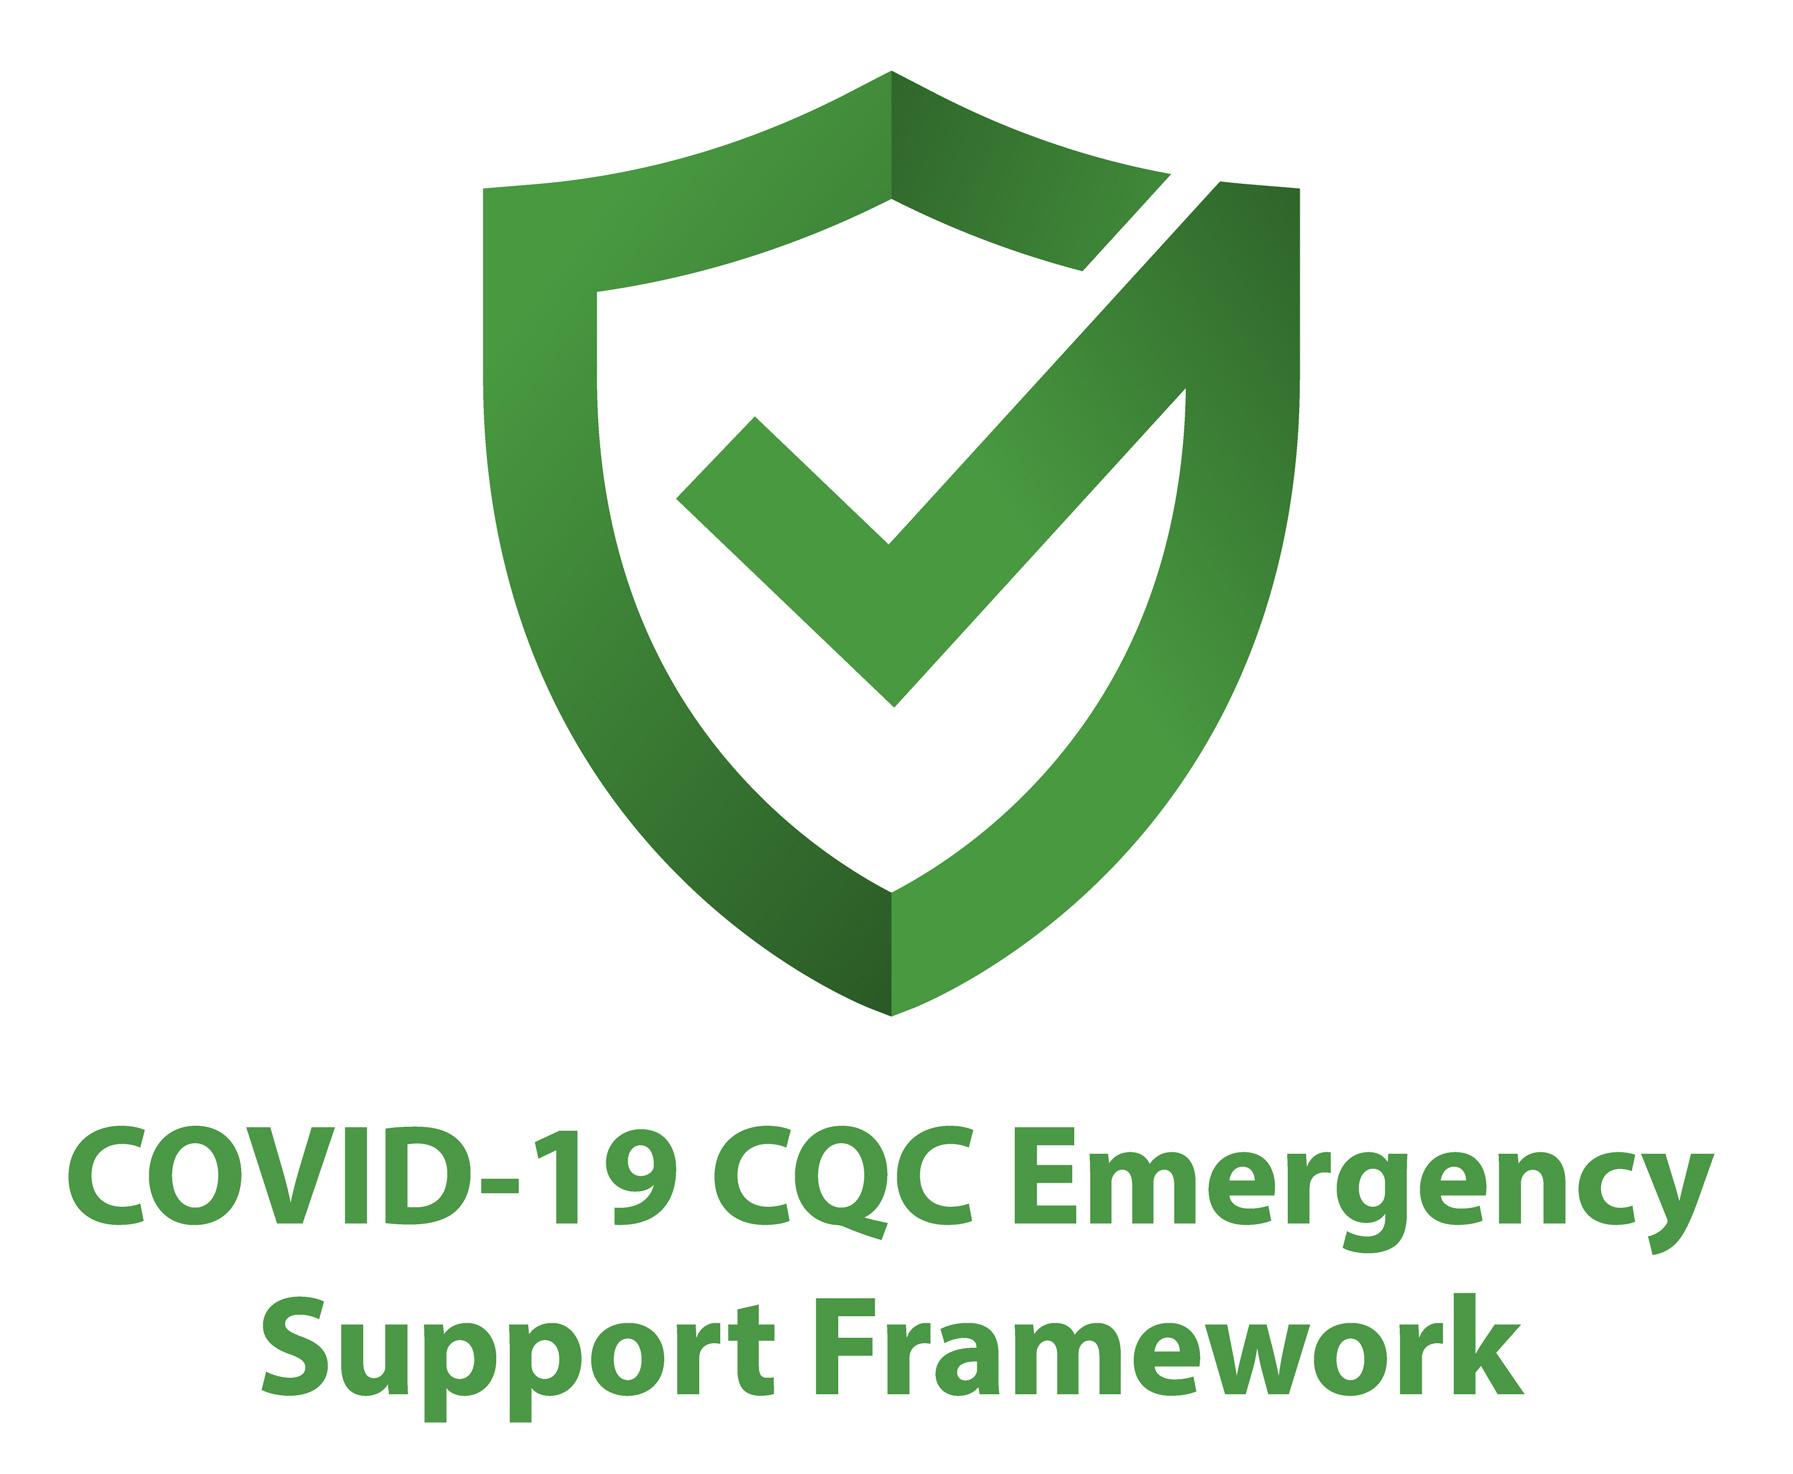 COVID-19 CQC Emergency Support Framework